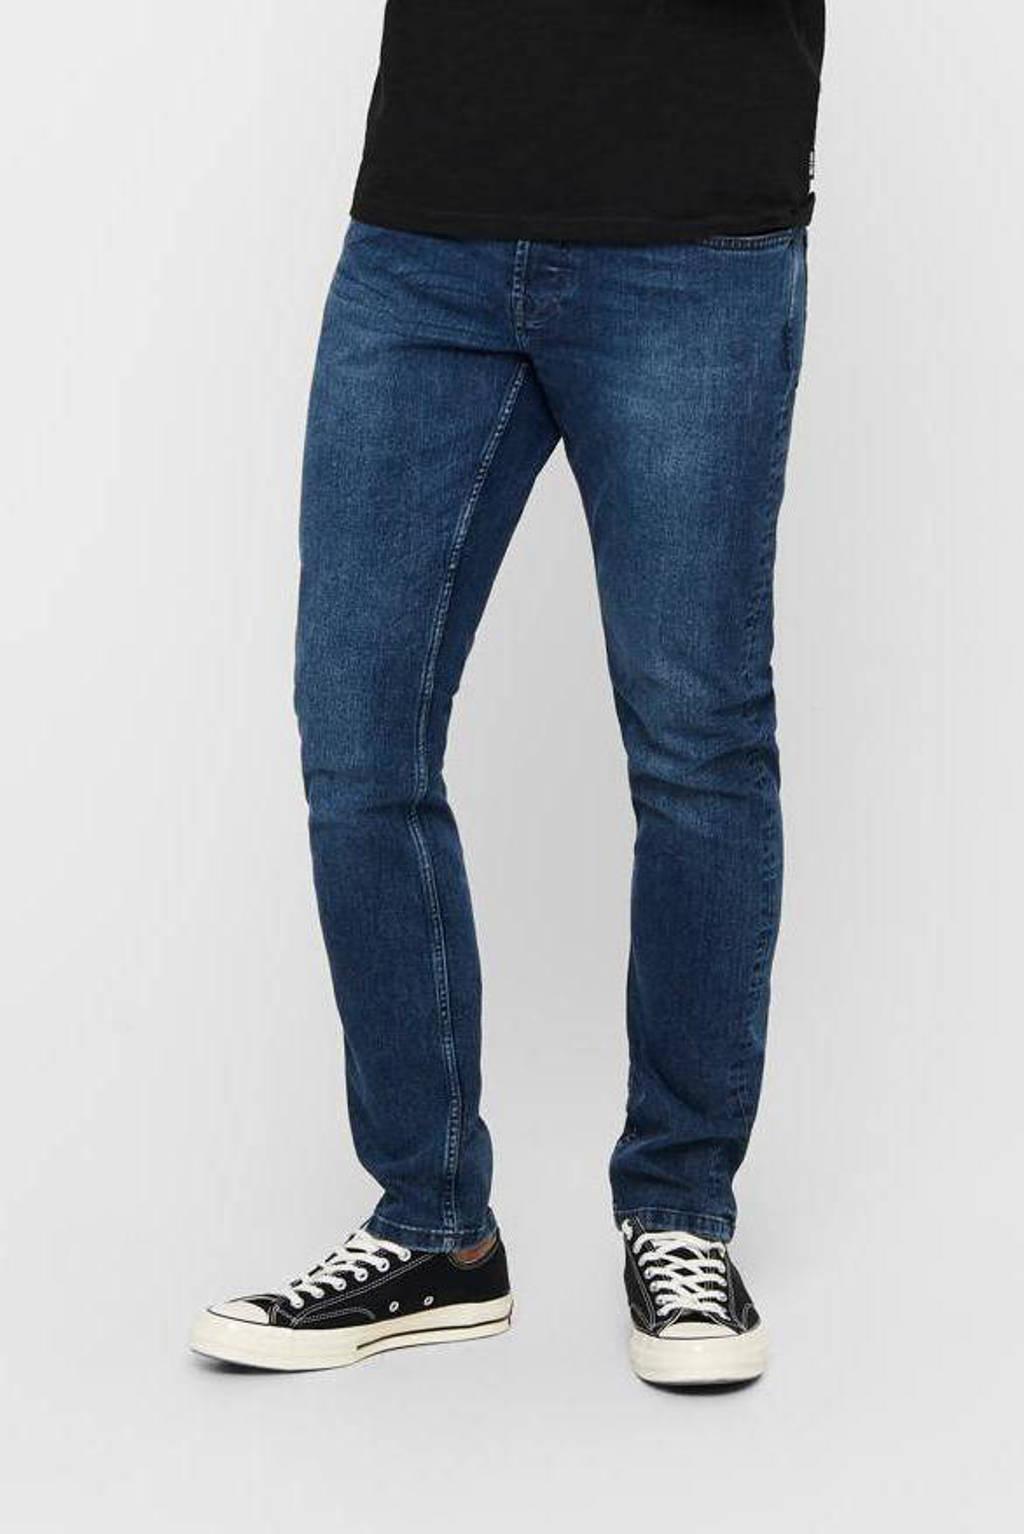 ONLY & SONS slim fit jeans Loom blue denim 3458, Blue Denim 3458